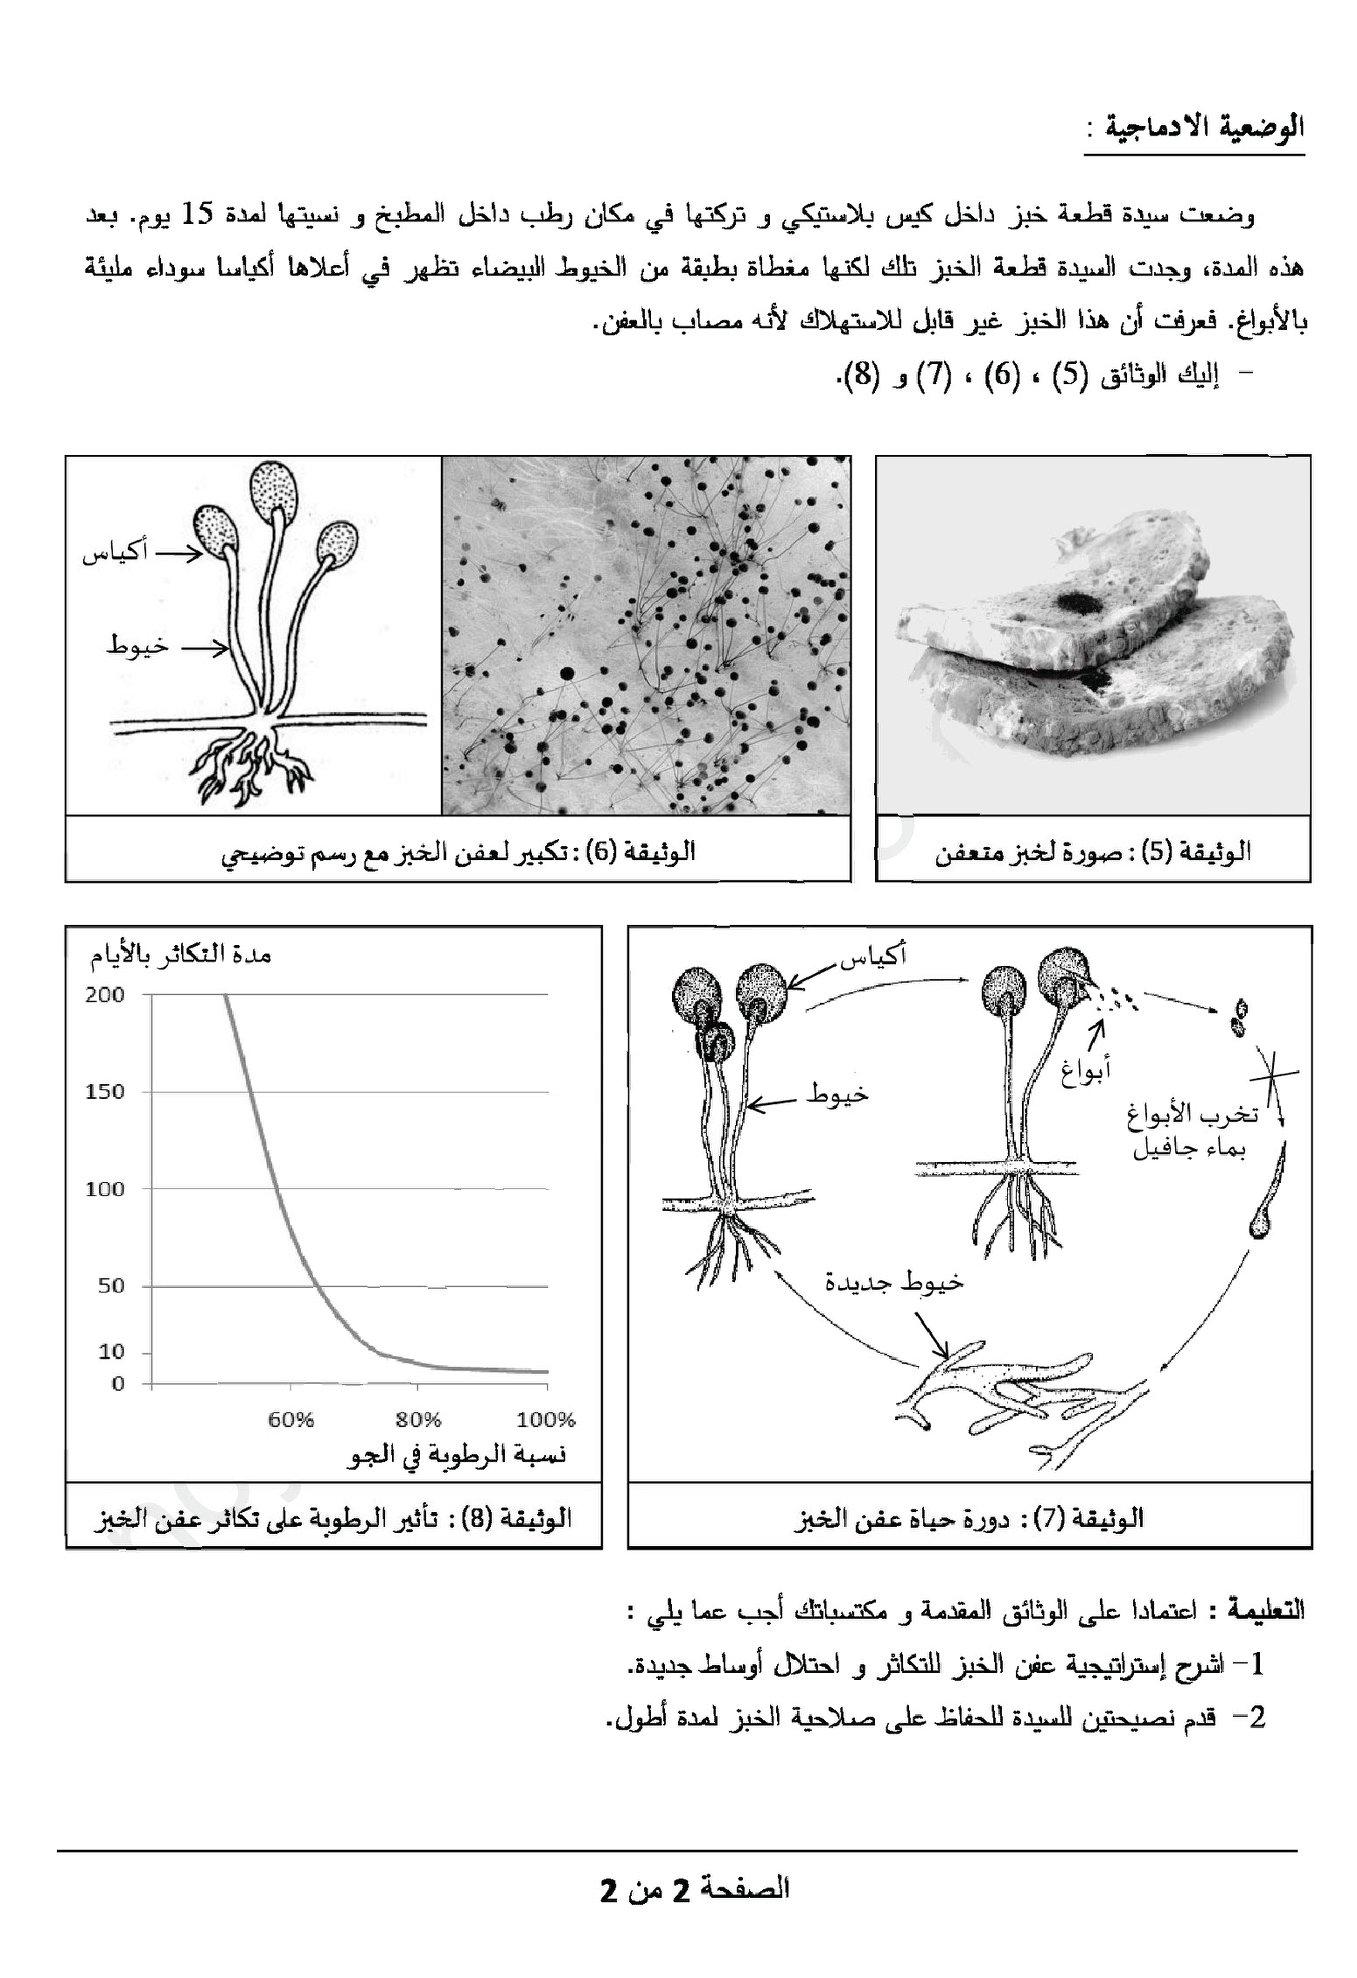 اختبار الفصل الثالث في العلوم الطبيعية السنة الثانية متوسط - الموضوع 04